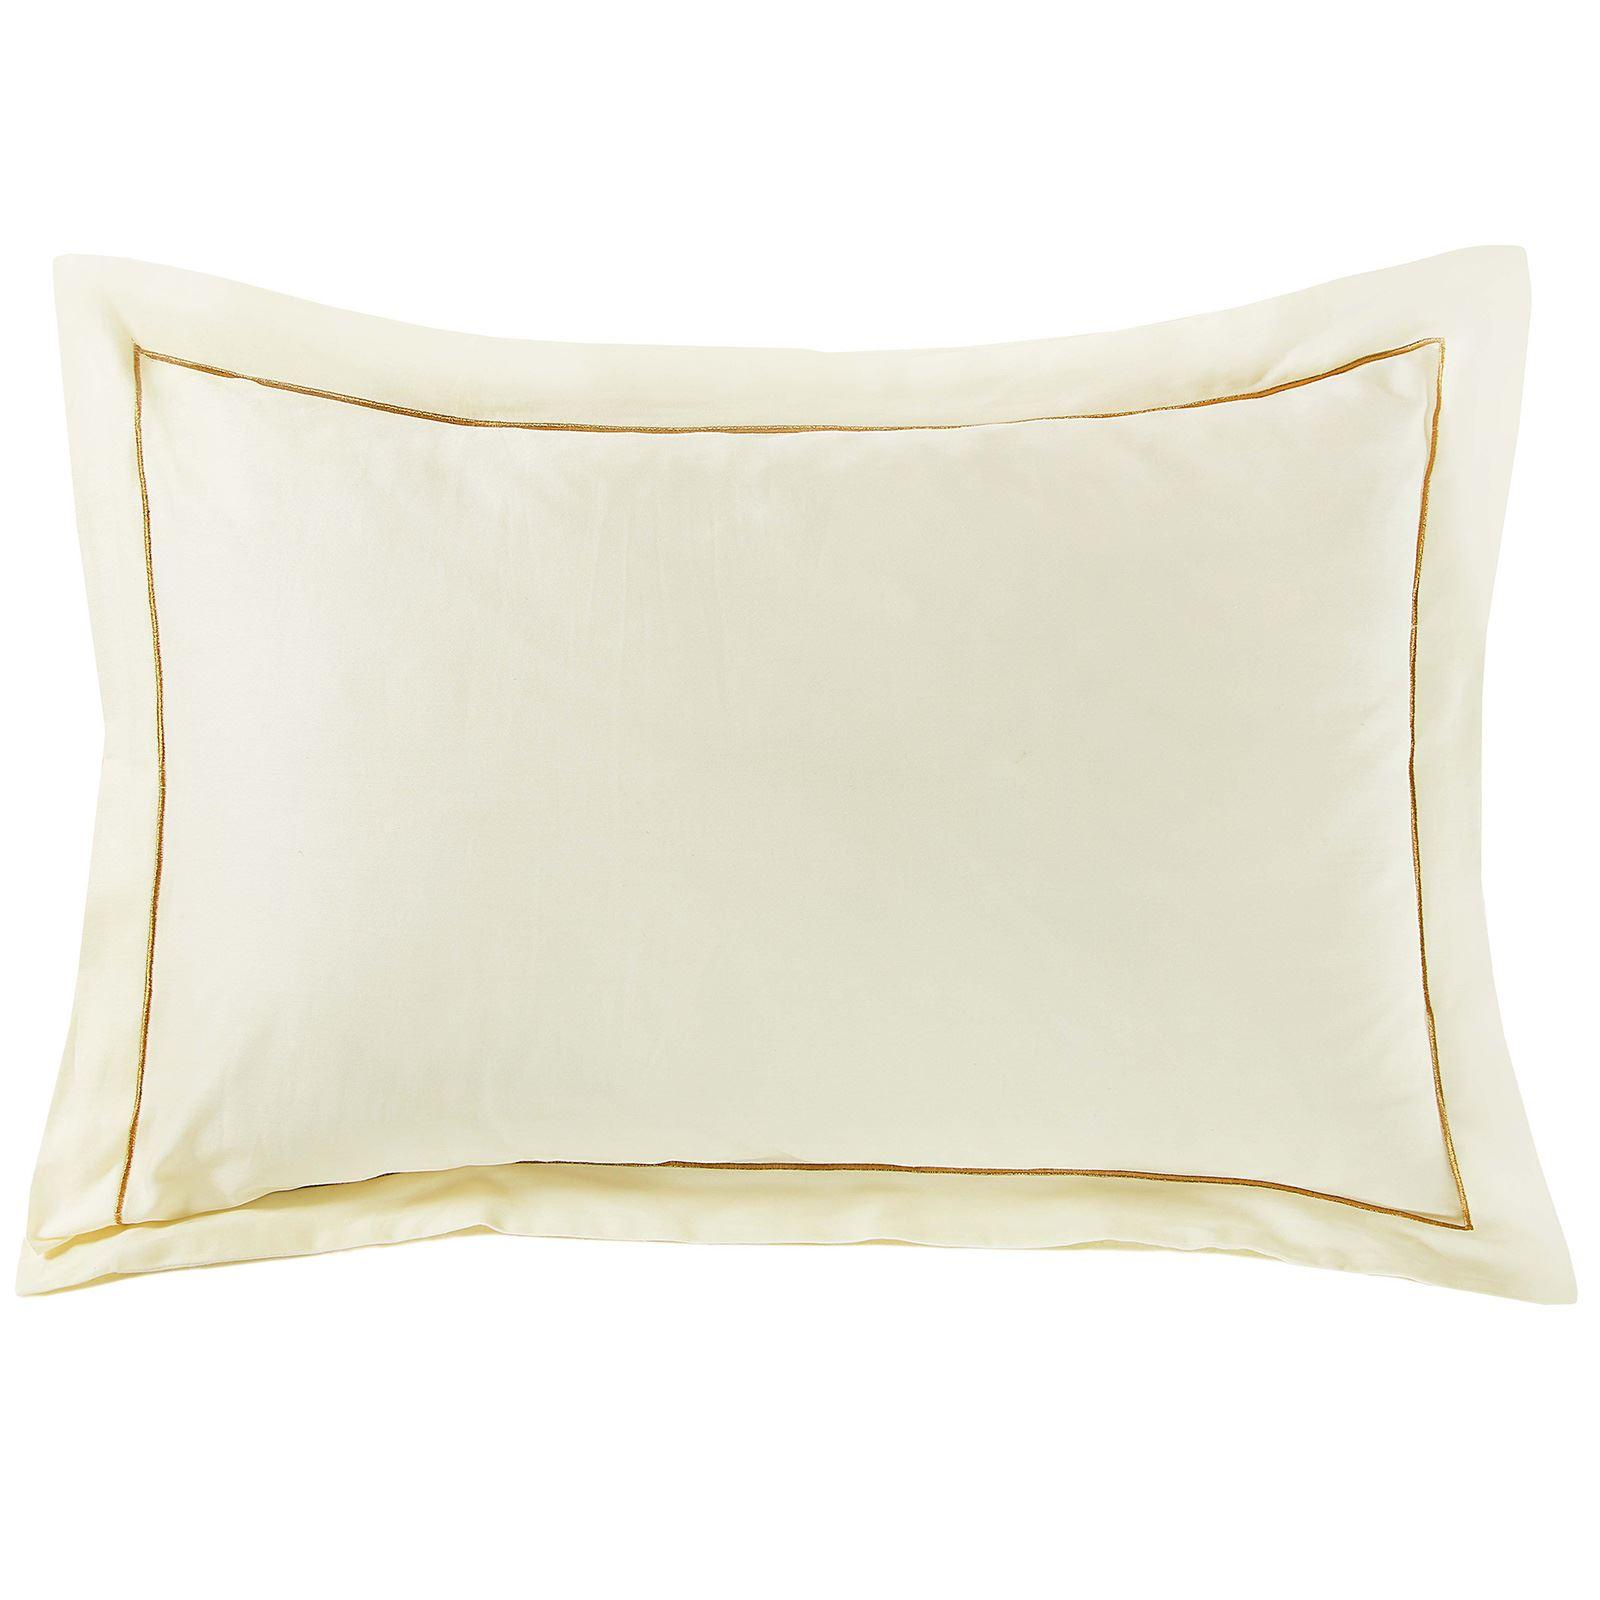 Luxury 100 Egyptian Cotton Striped Satin Duvet Cover